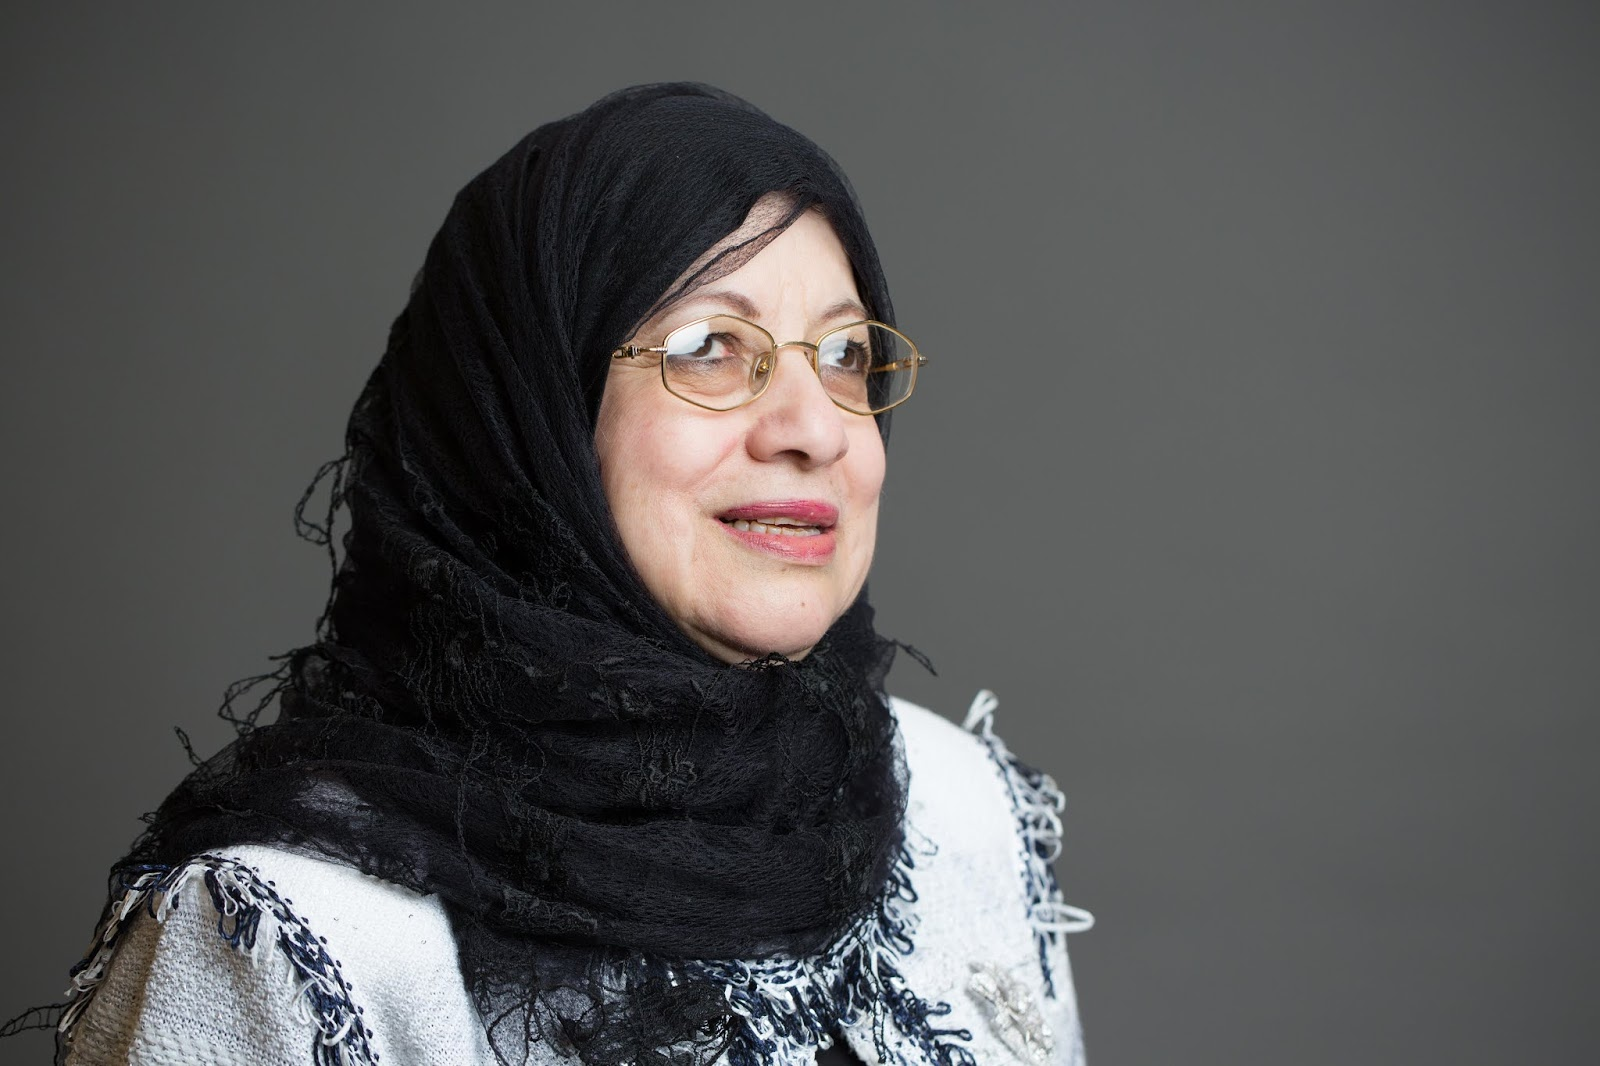 لجوء المراهقات السعوديات و…غياب حوار الآباء مع الأبناء(2)